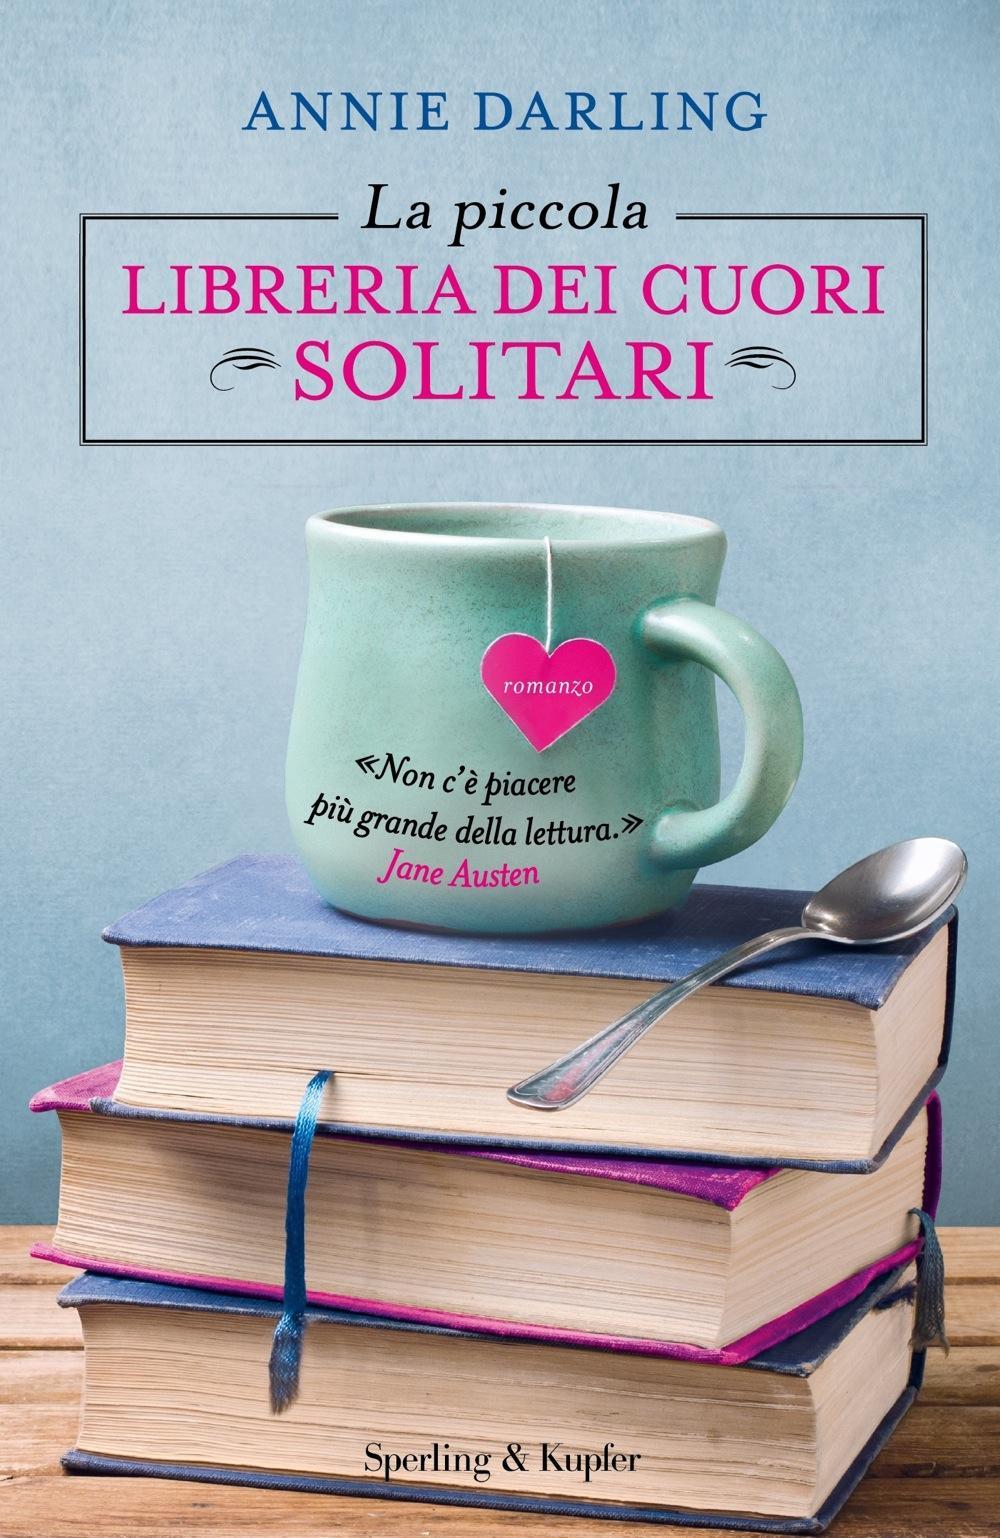 La piccola libreria ...